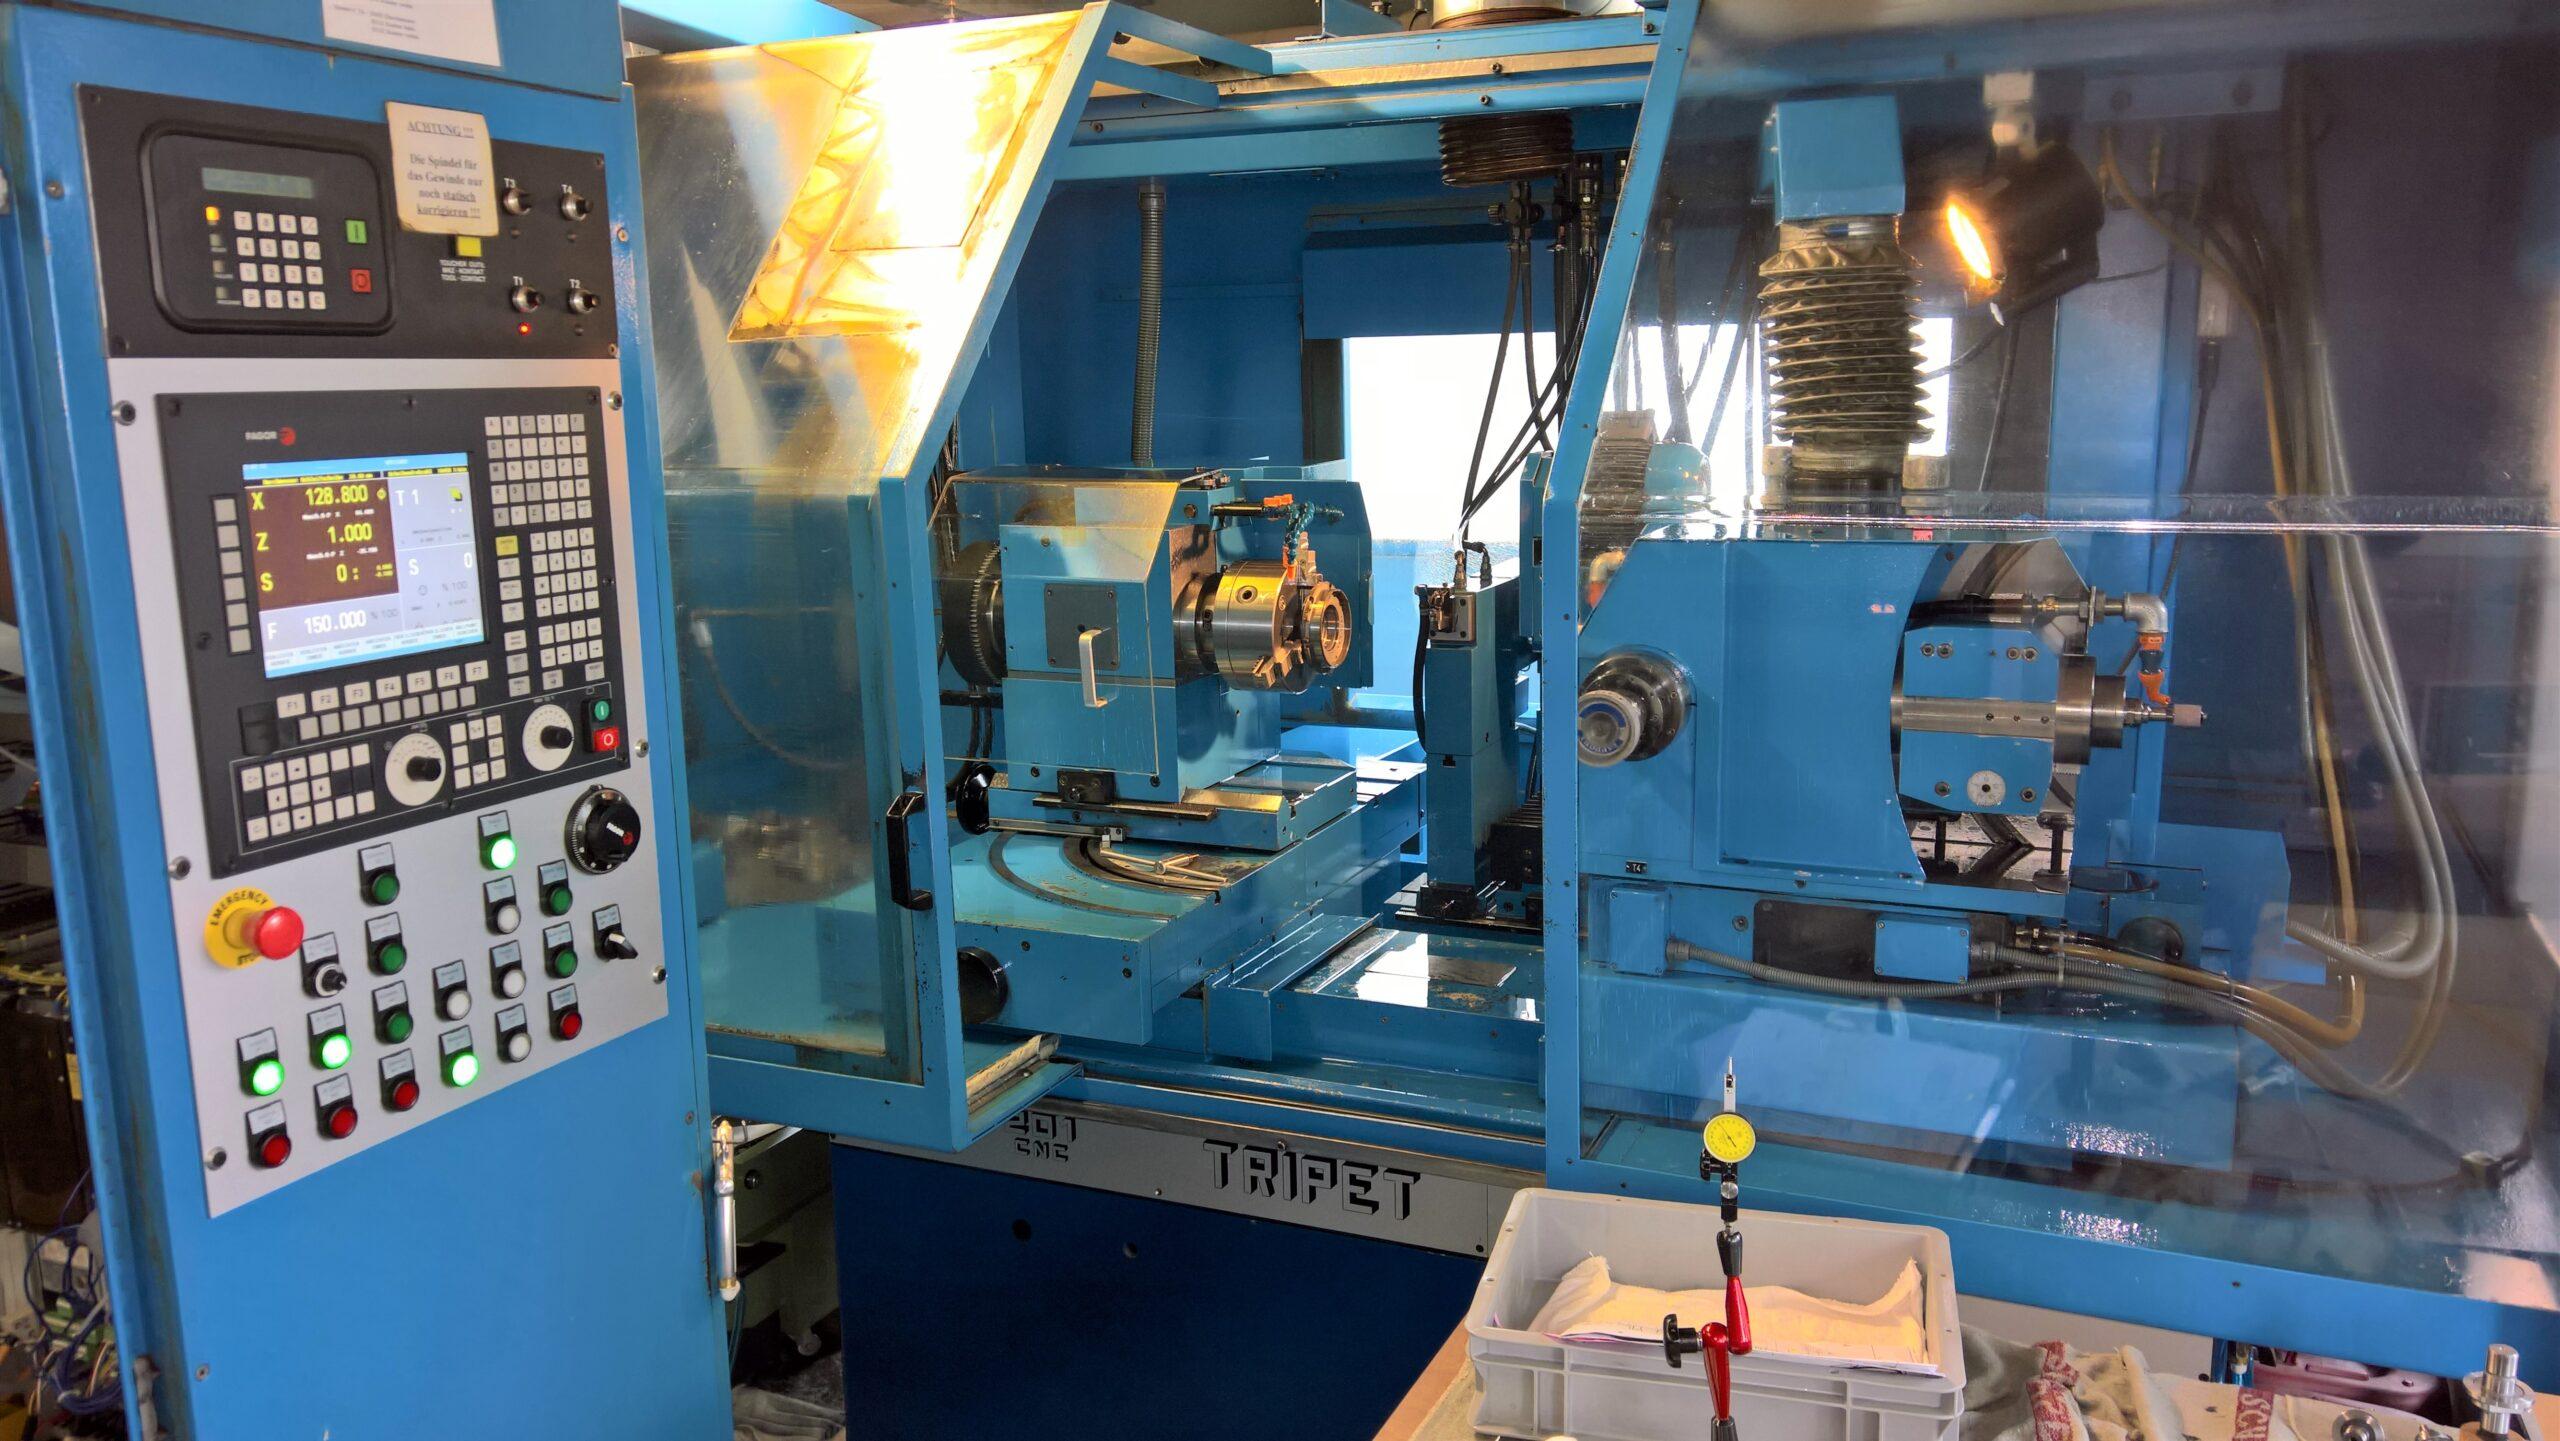 Tripet-TST-102-CNC